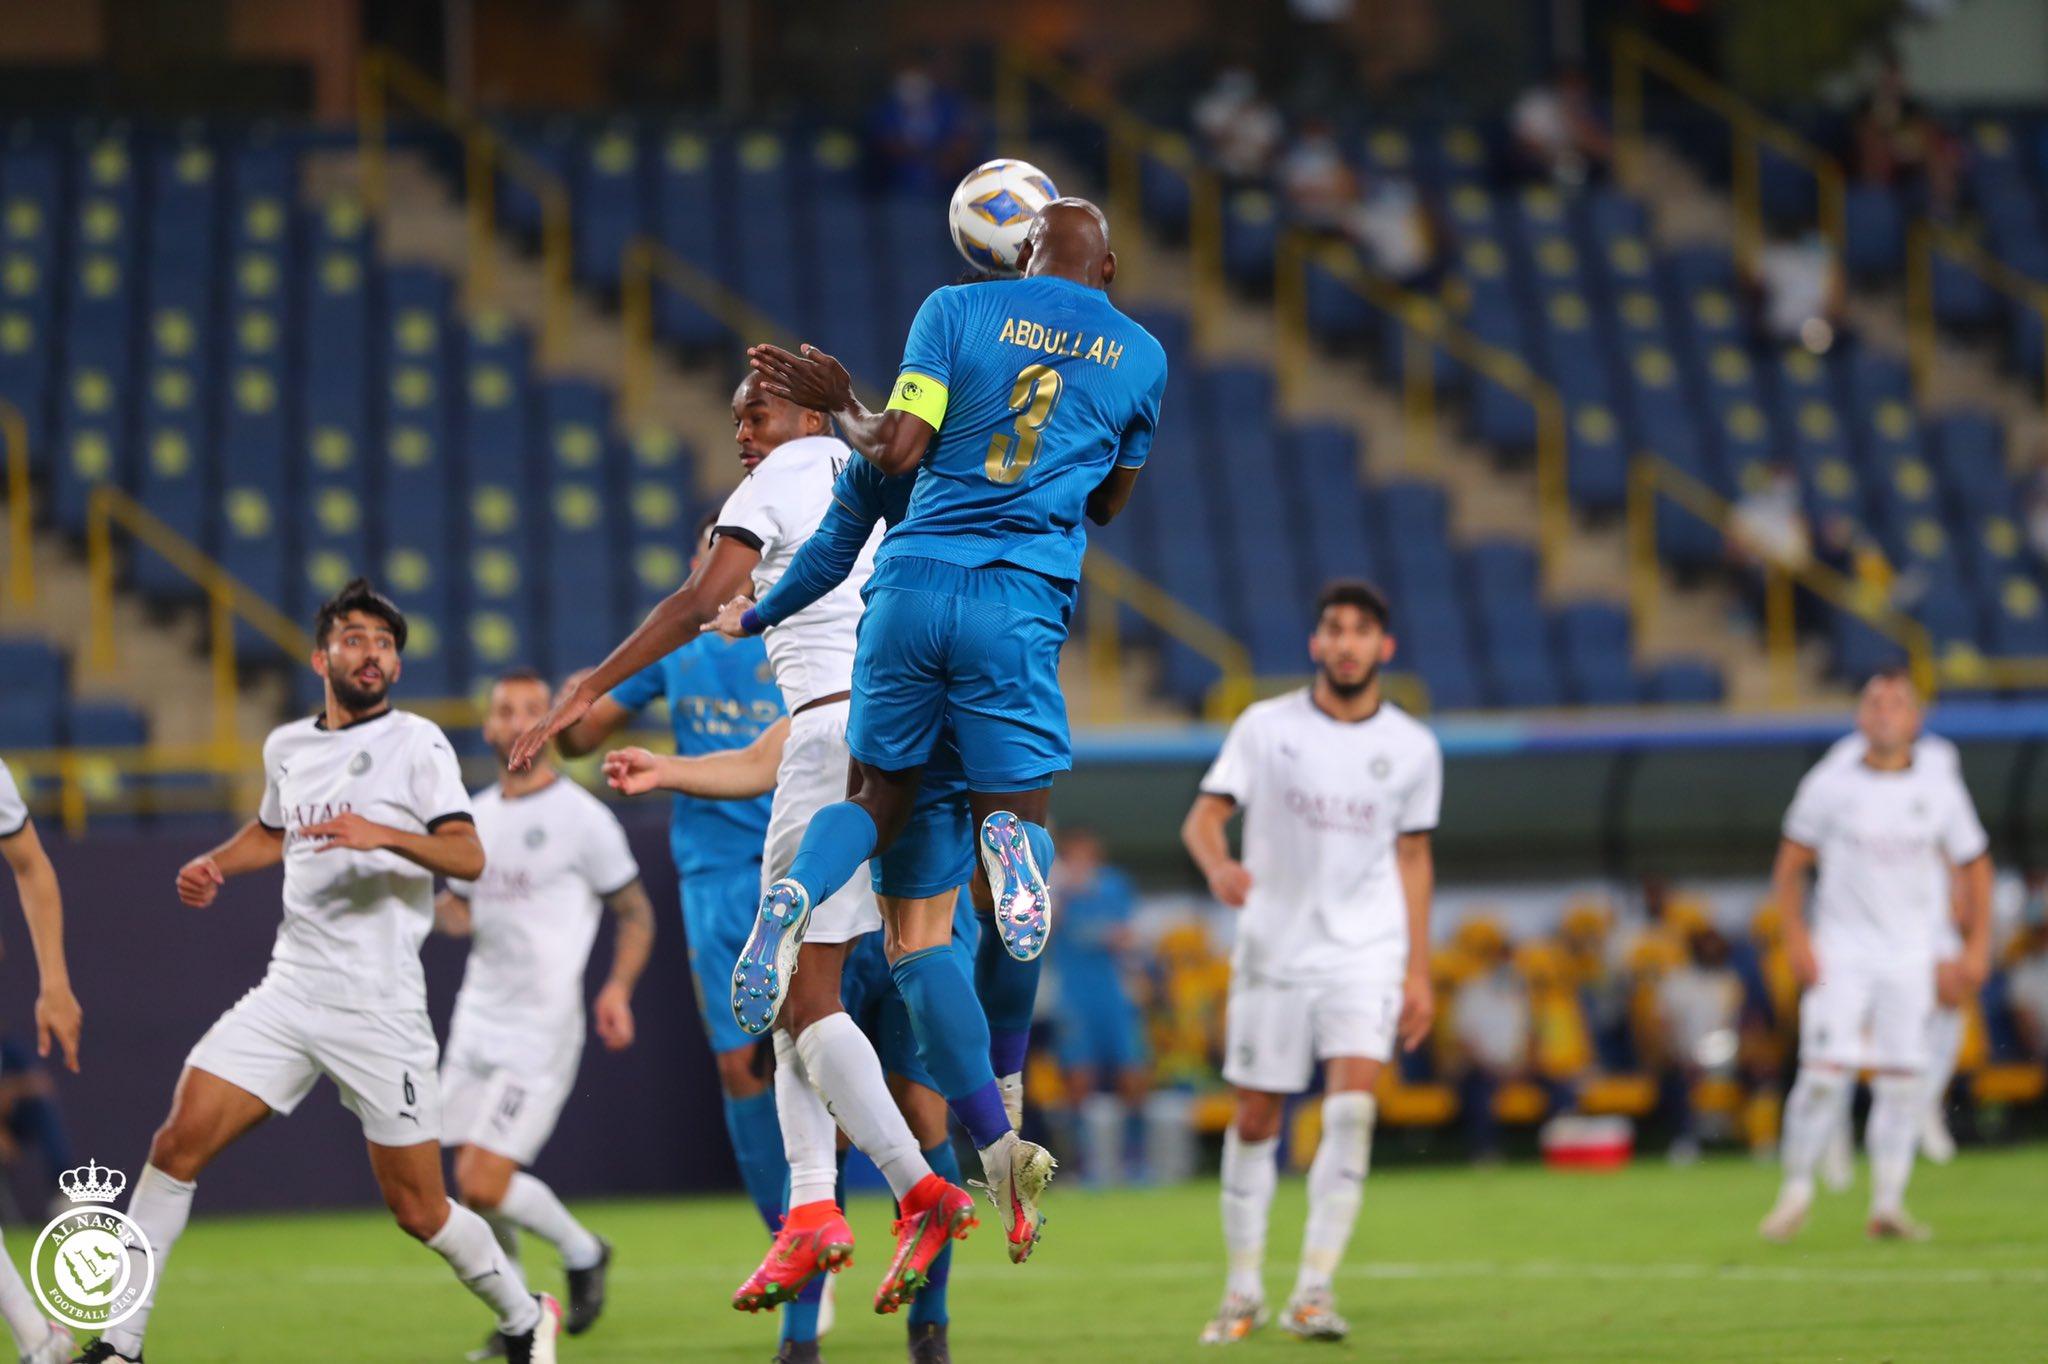 النصر يحسم قمة مباريات آسيا أمام السد القطري ويتأهل  إلى دور الـ16 بدوري أبطال آسيا